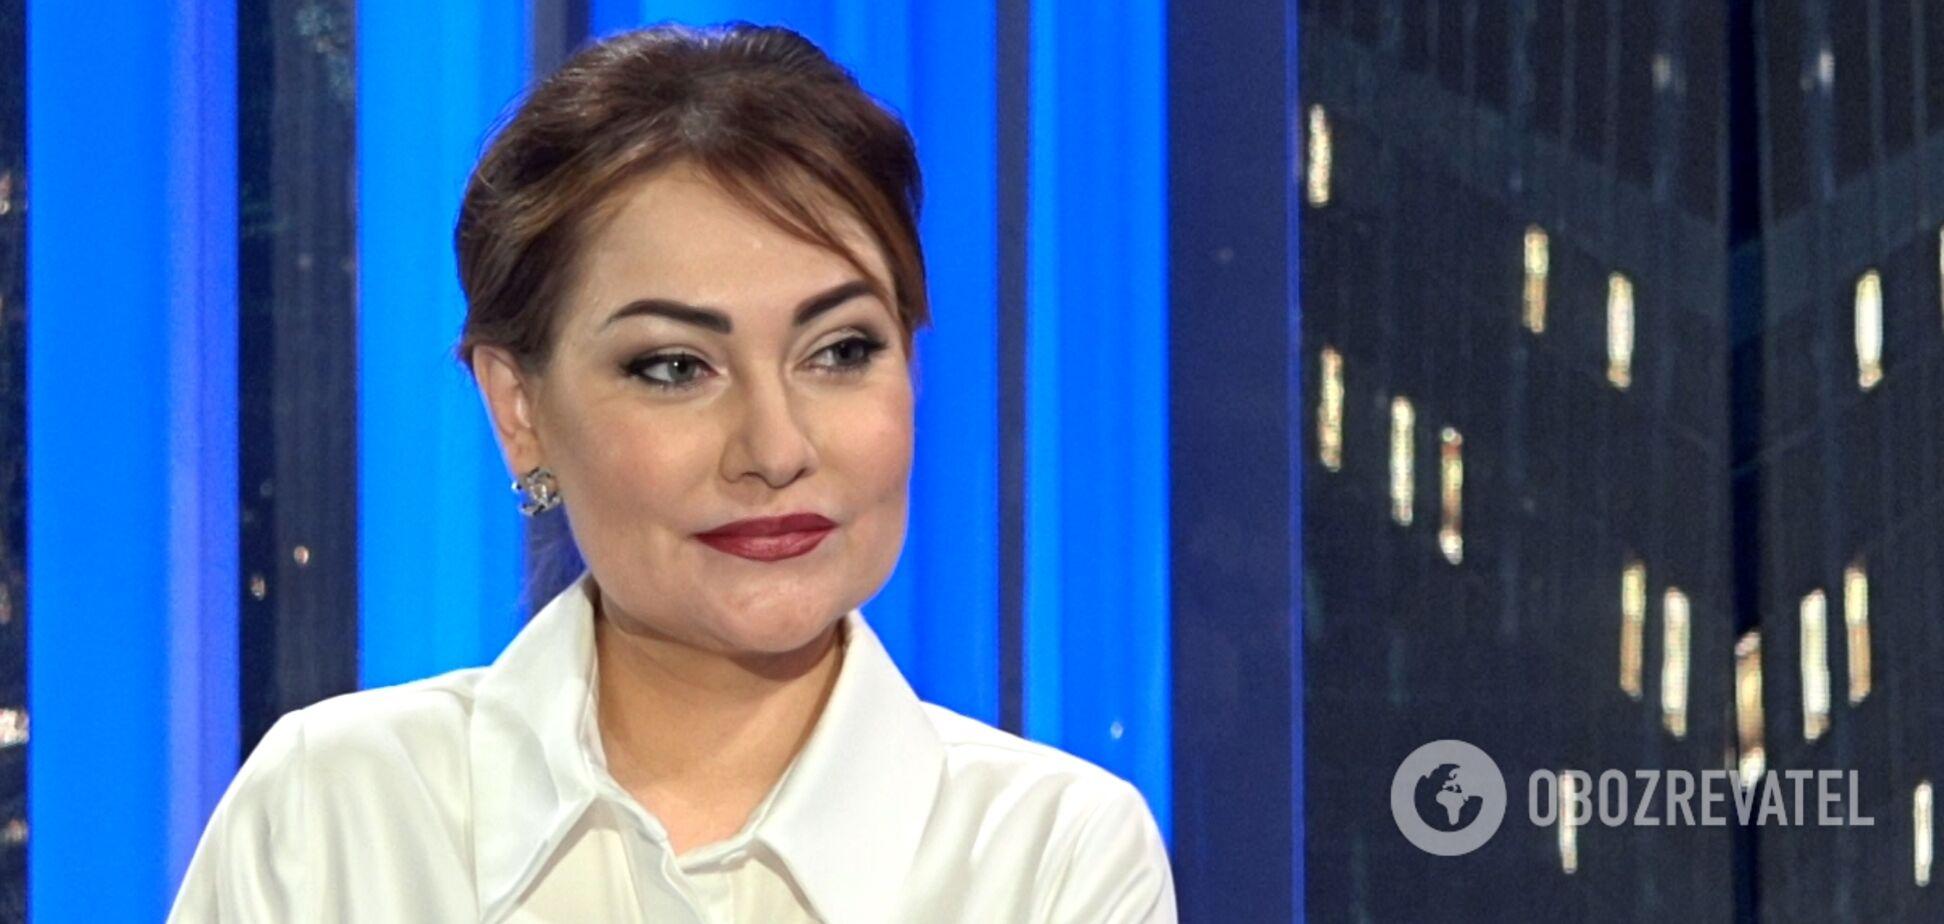 Основательница ОО 'Перспективы', Анна Лобарева сообщила, что будет участвовать в местных выборах